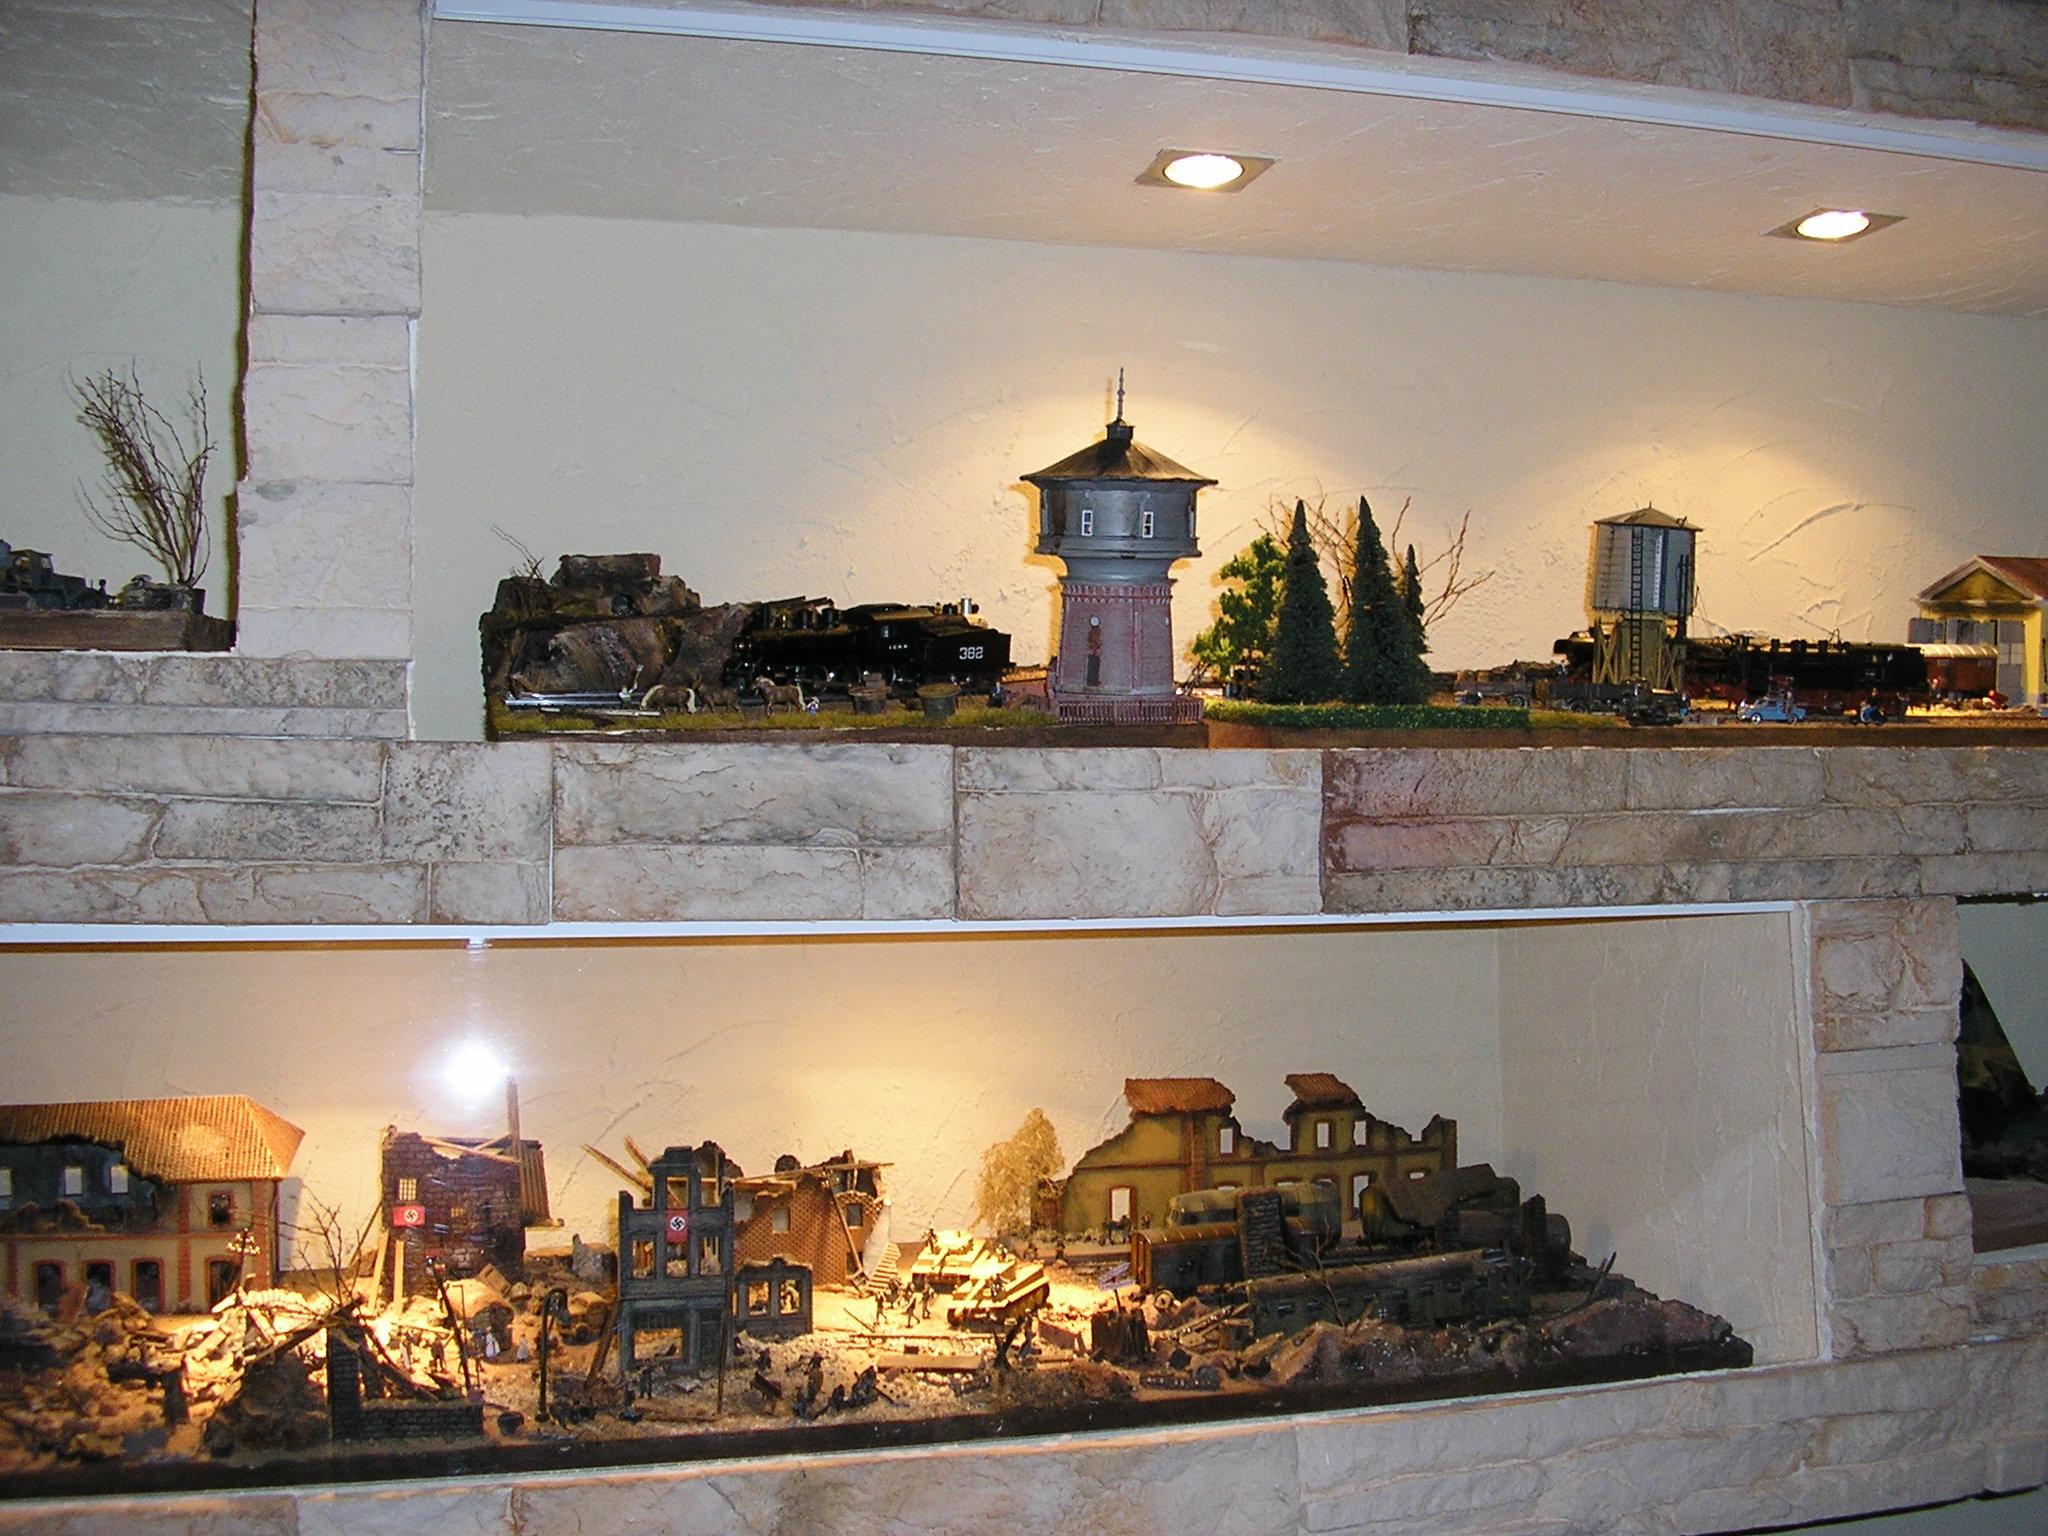 Plastico ferroviario scala 1/87 attacco alla stazione ( autore Rustichelli con materiale Abbiati Wargames )